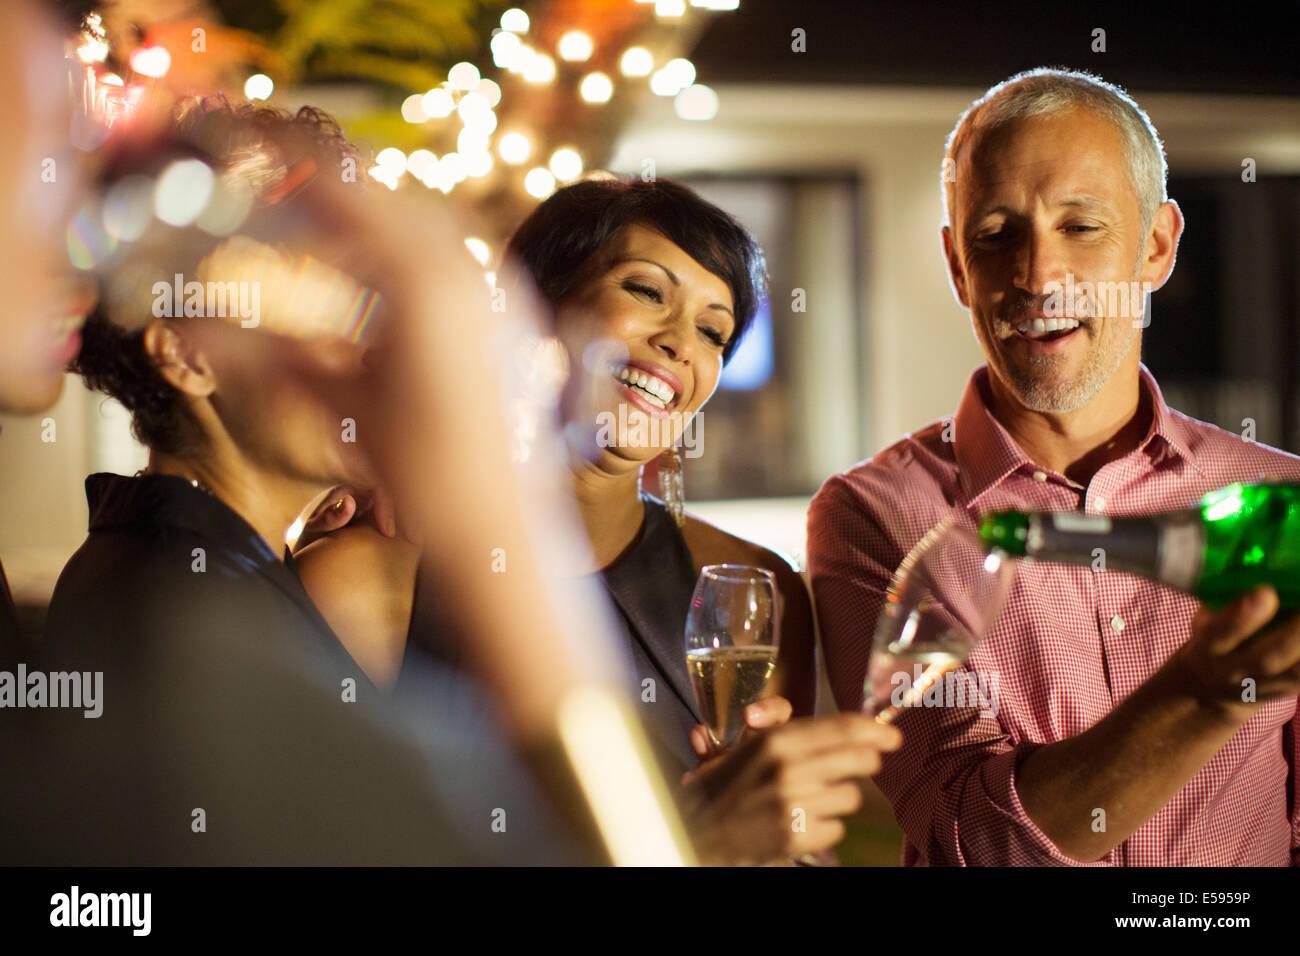 Trinken Champagner Party Freunde Stockbild